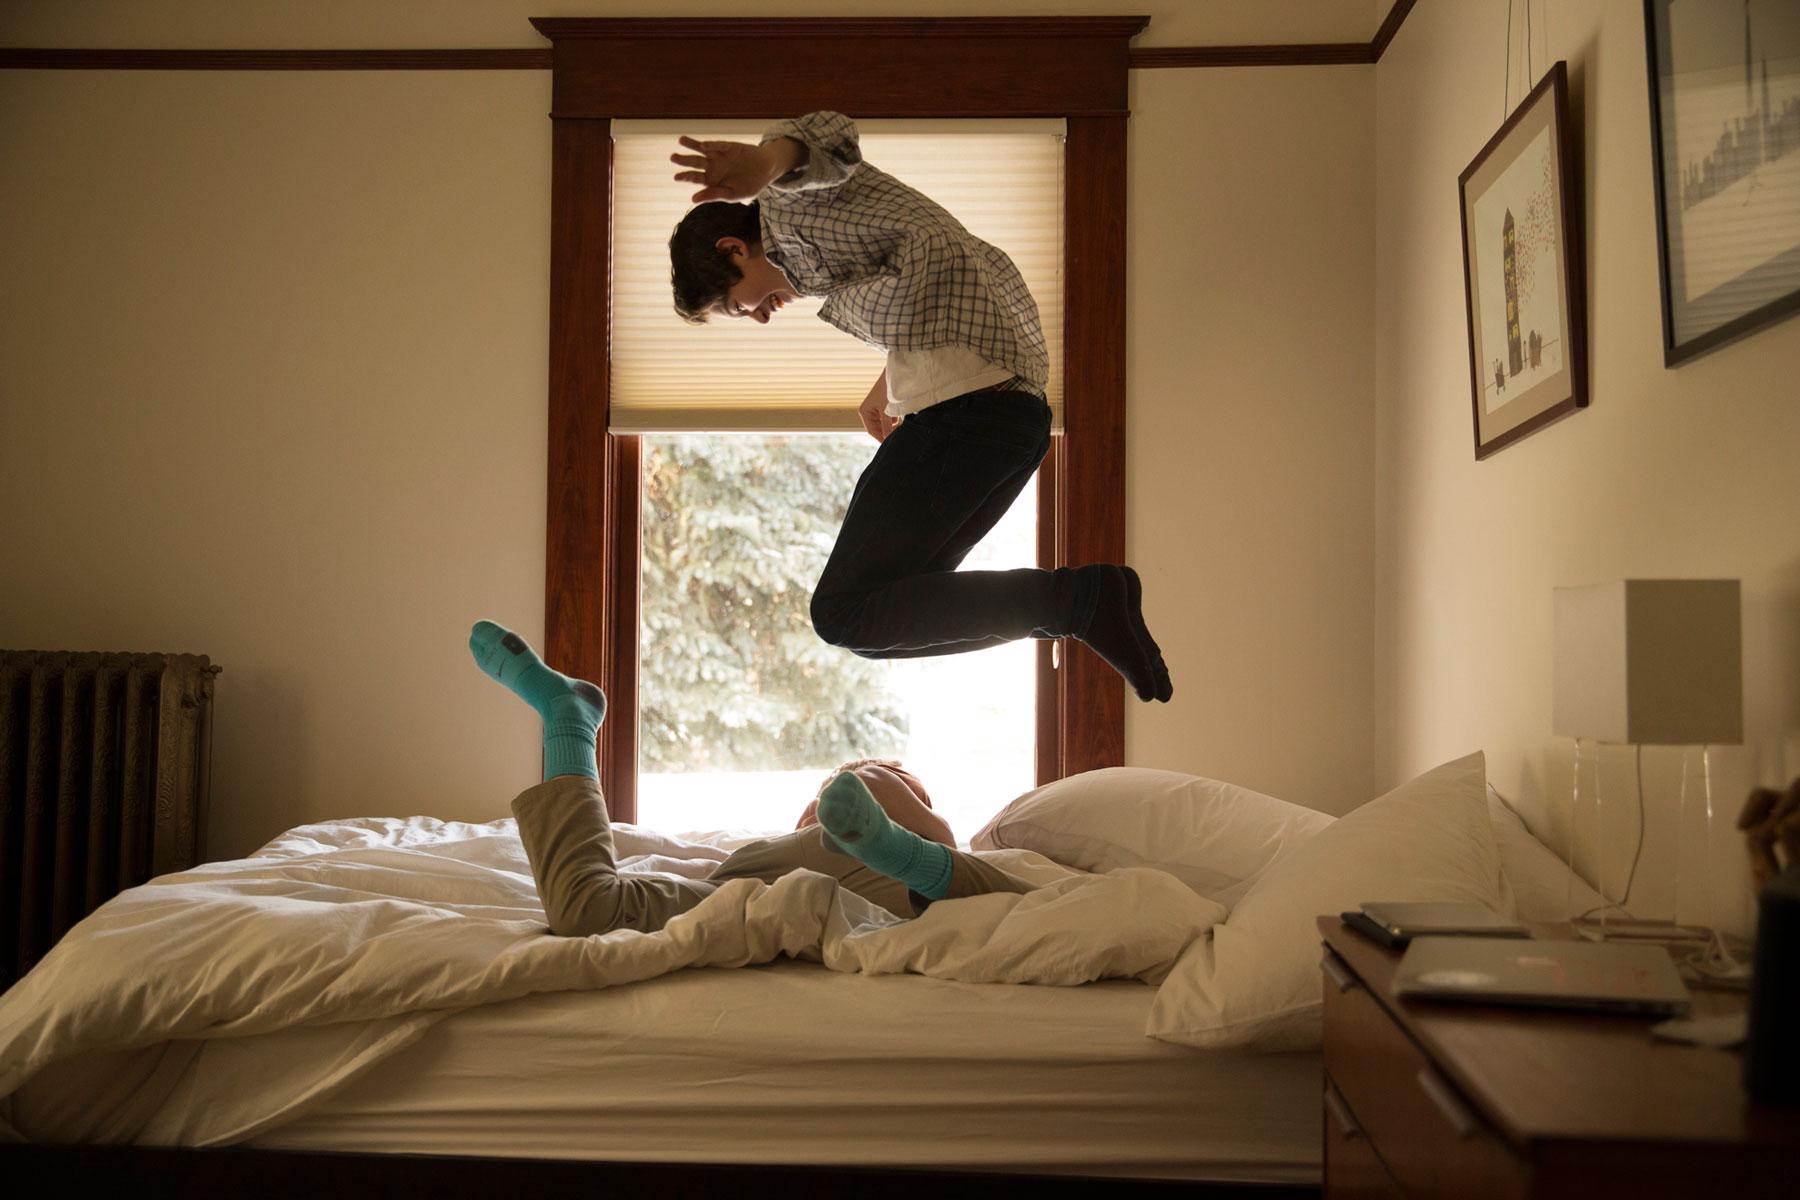 Jumping_Bed_George_Lange_Kids.jpg